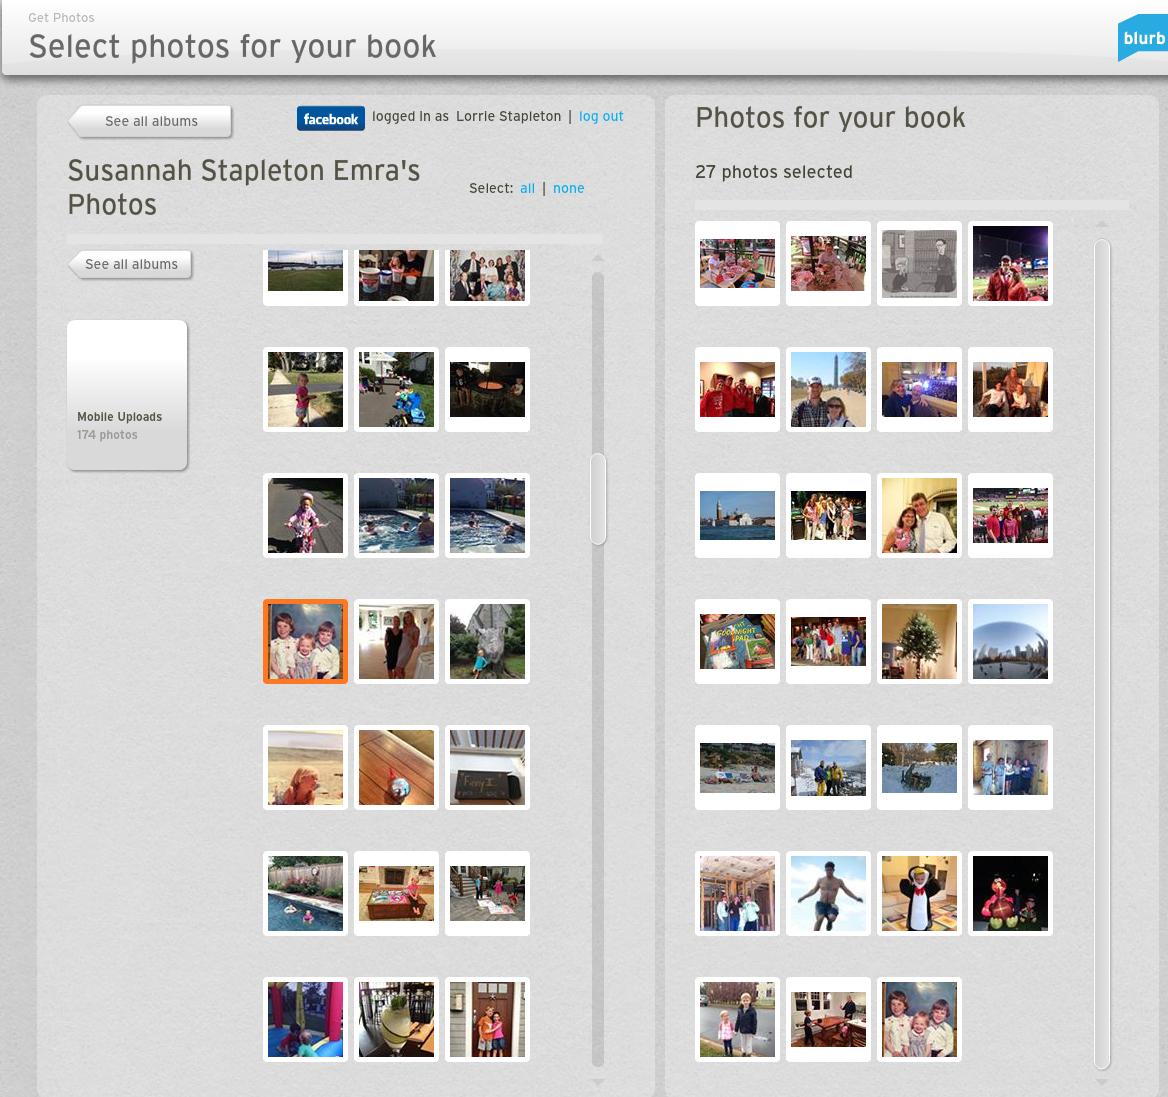 Screen Shot 2013-11-28 at 12.06.08 PM.png